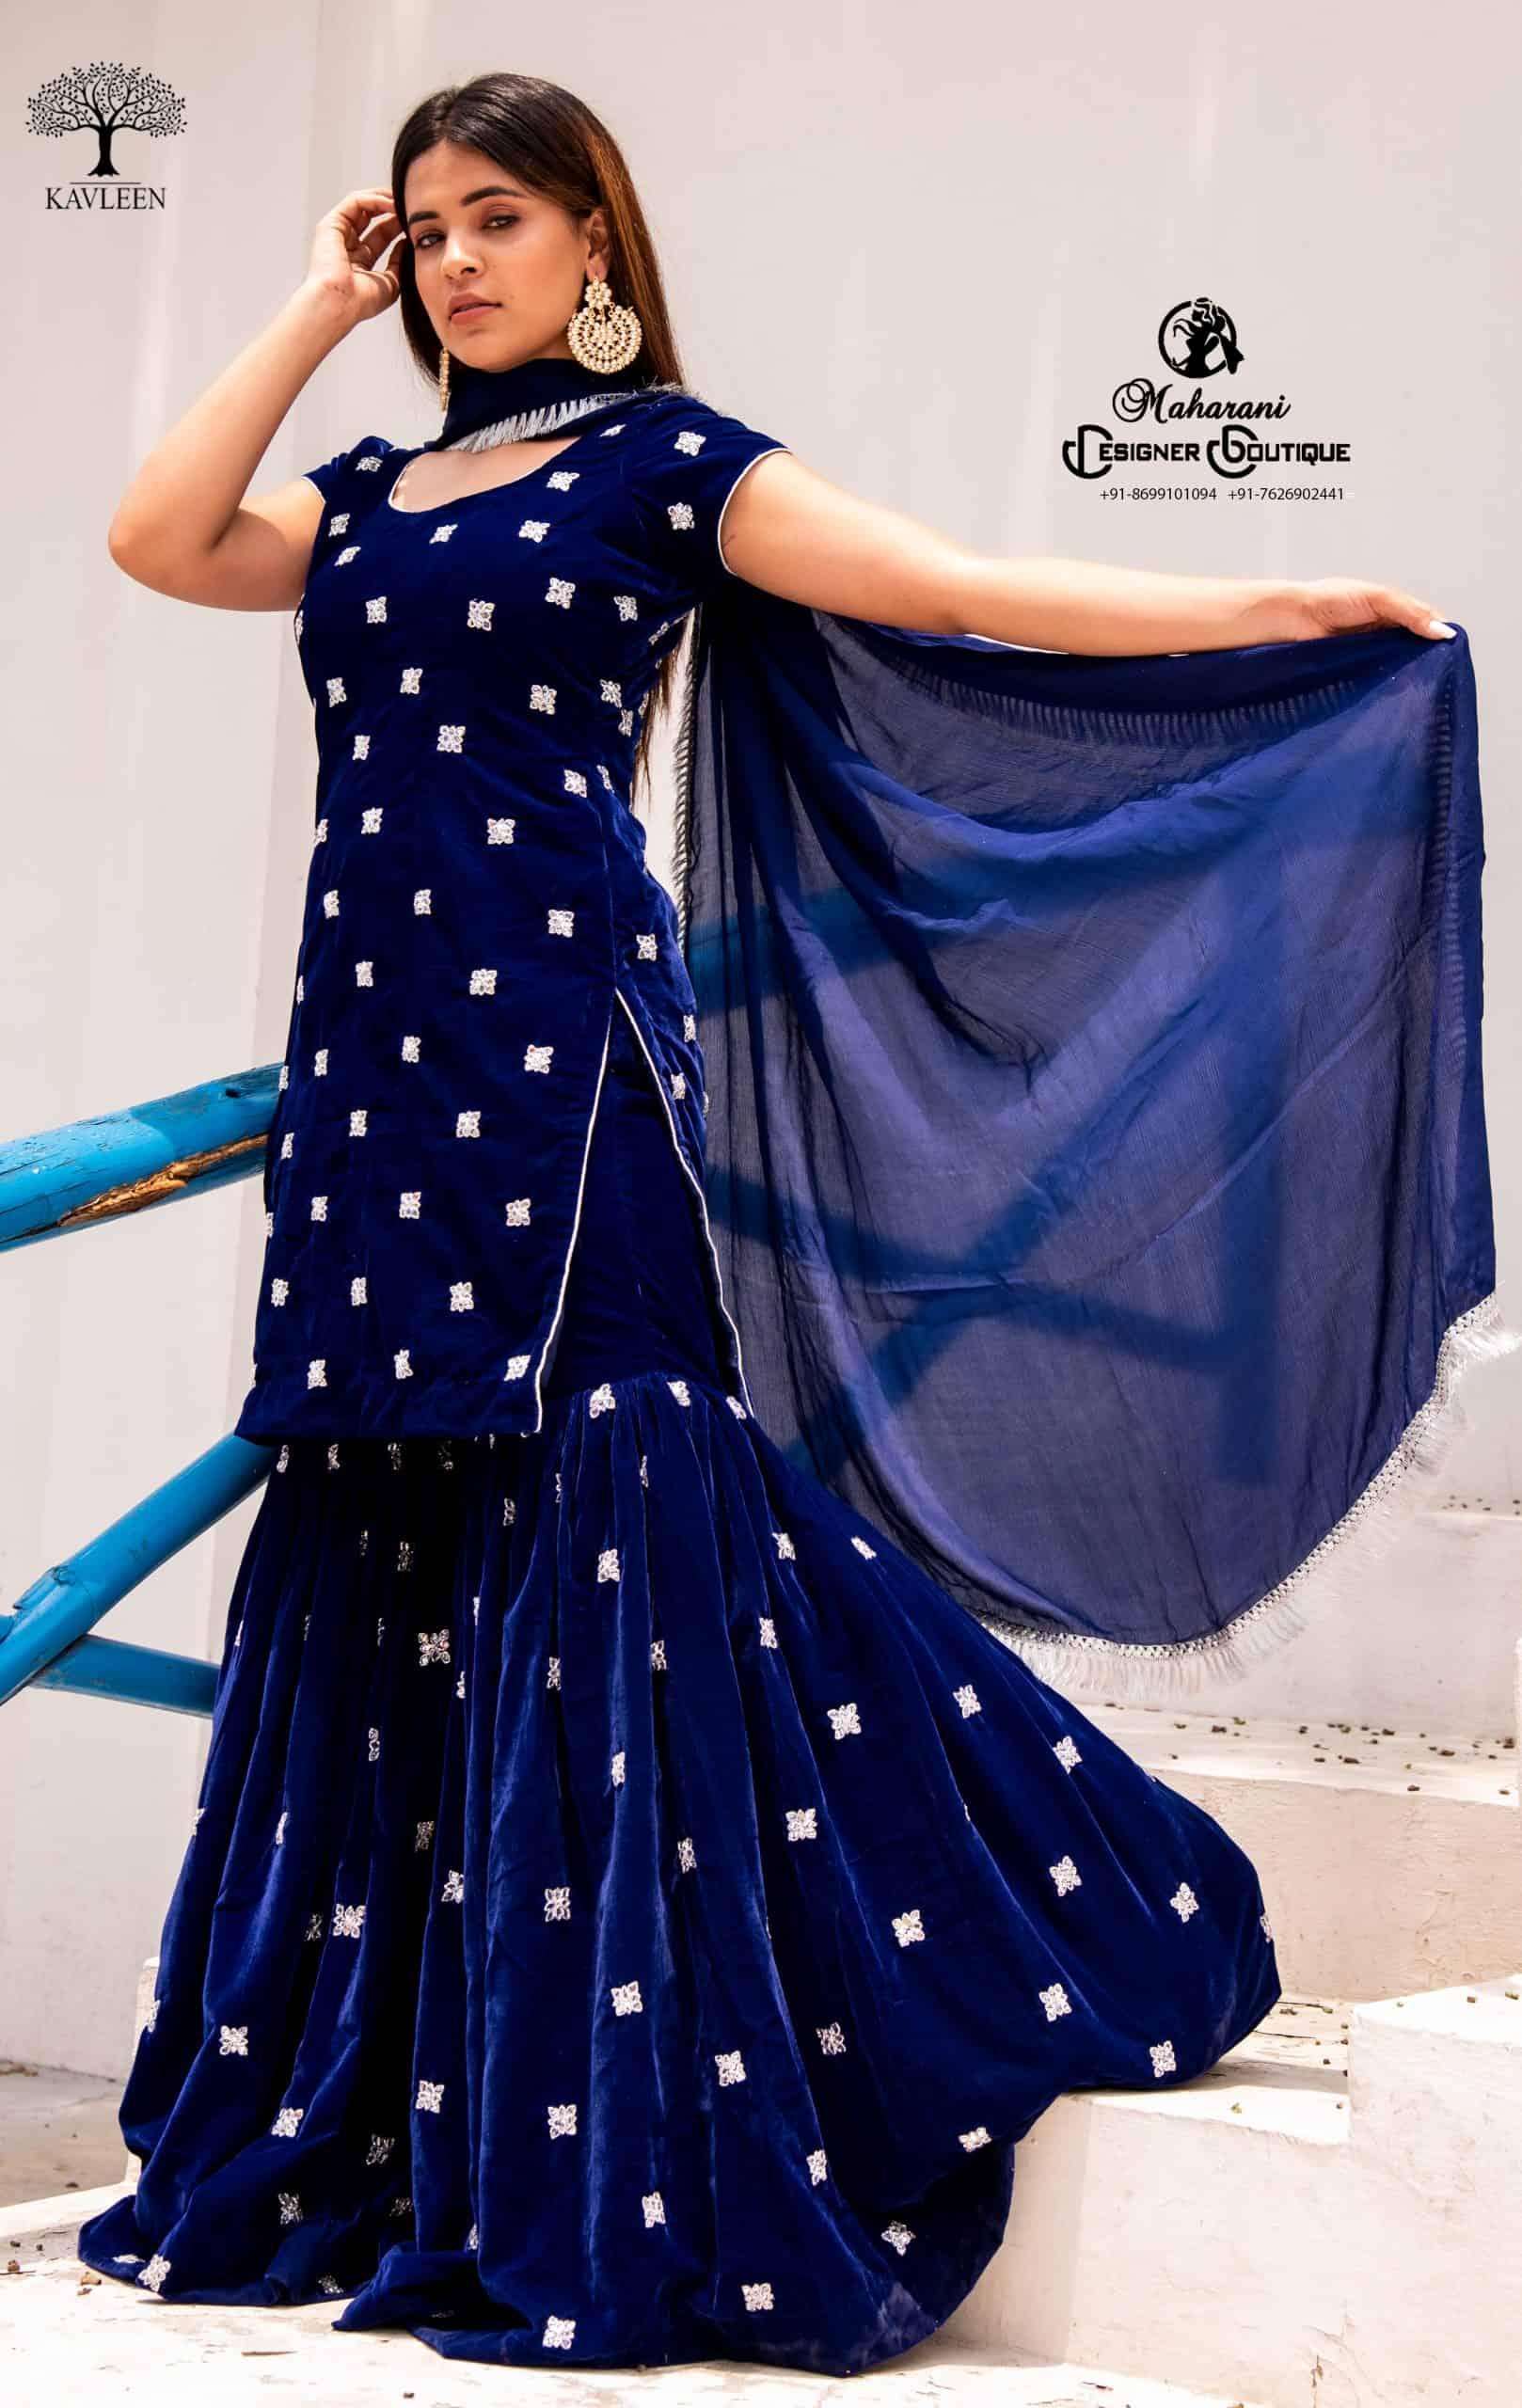 Sharara Suits   Sharara Style Suits   Maharani Designer Boutique